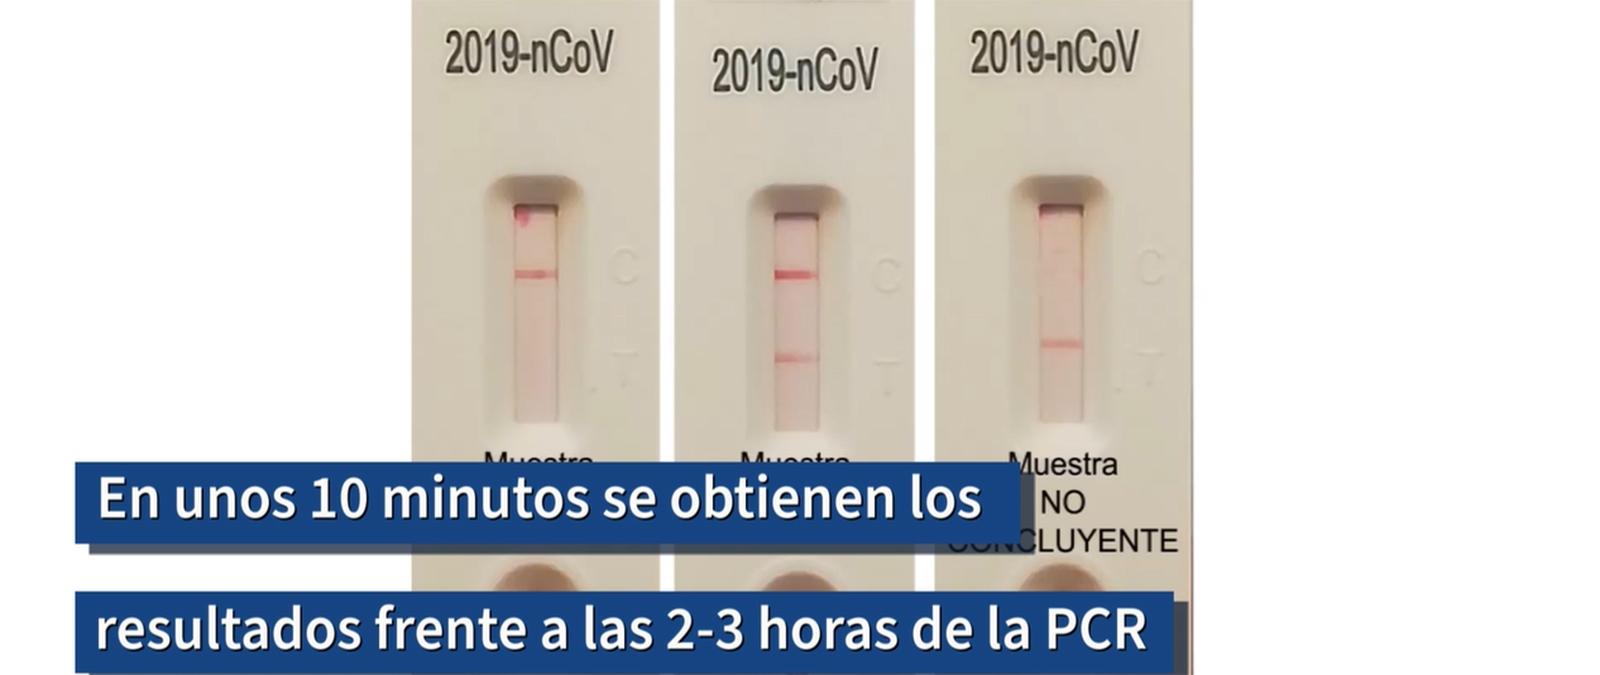 Diferencias entre test rápidos y la prueba PCR para diagnosticar COVID-19 - Maldita.es